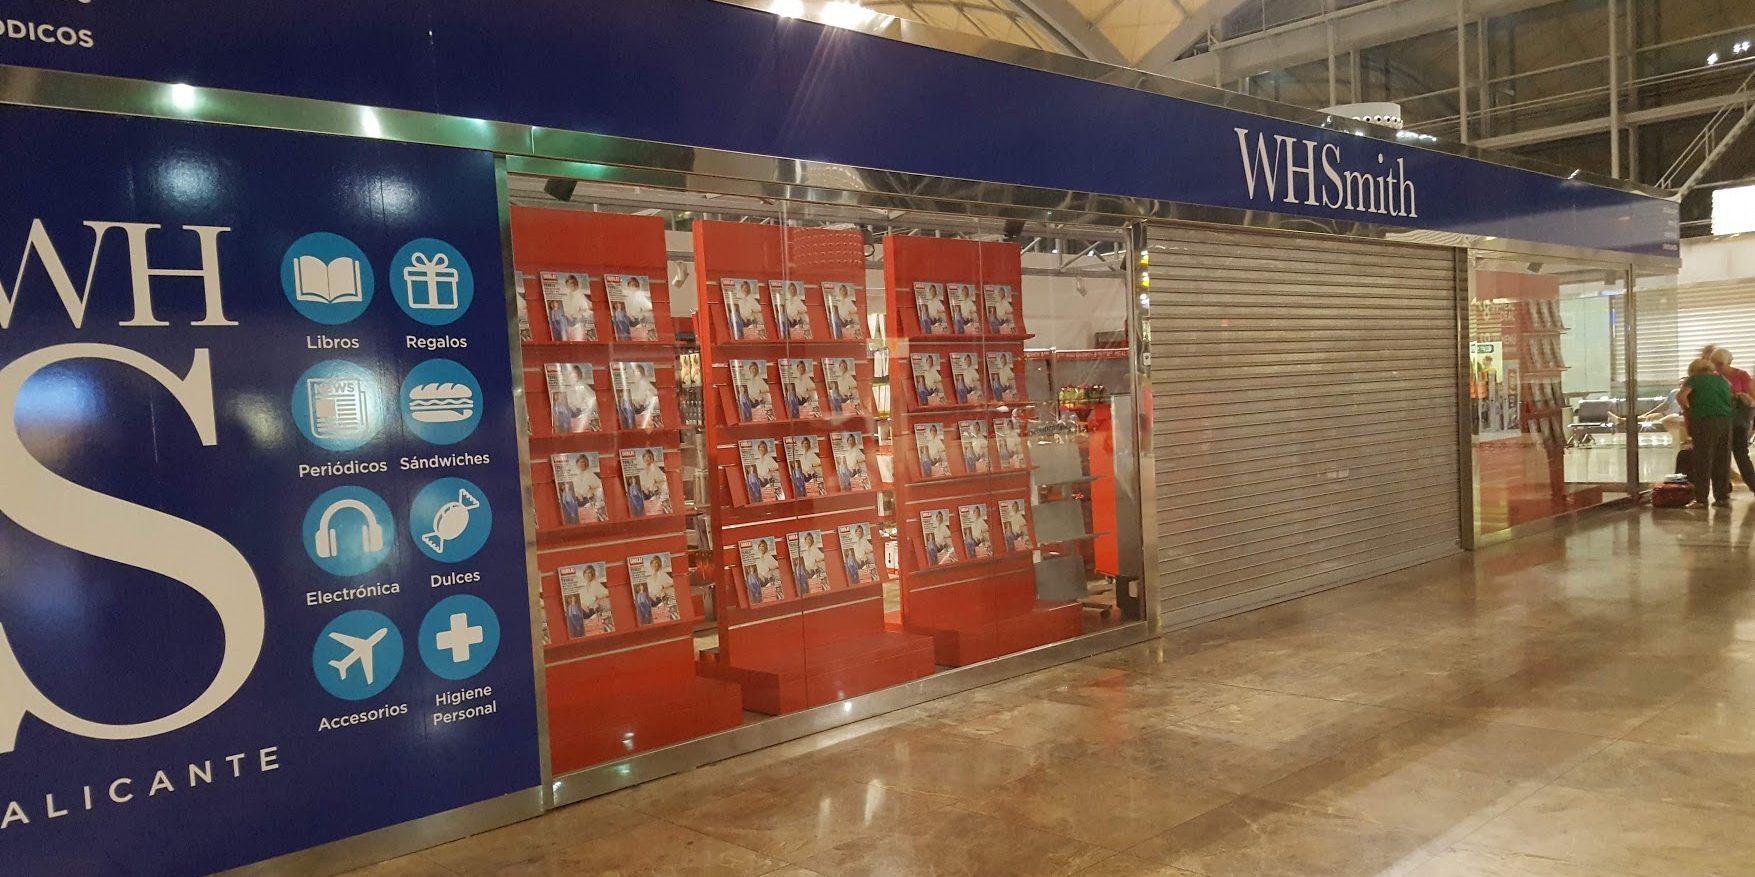 WHSmith, también conocido como WHS, es una famosa franquicia de venta al por menor. 225 años después de su primera apertura, WHS opera ahora una extensa cadena de establecimientos distribuidos…